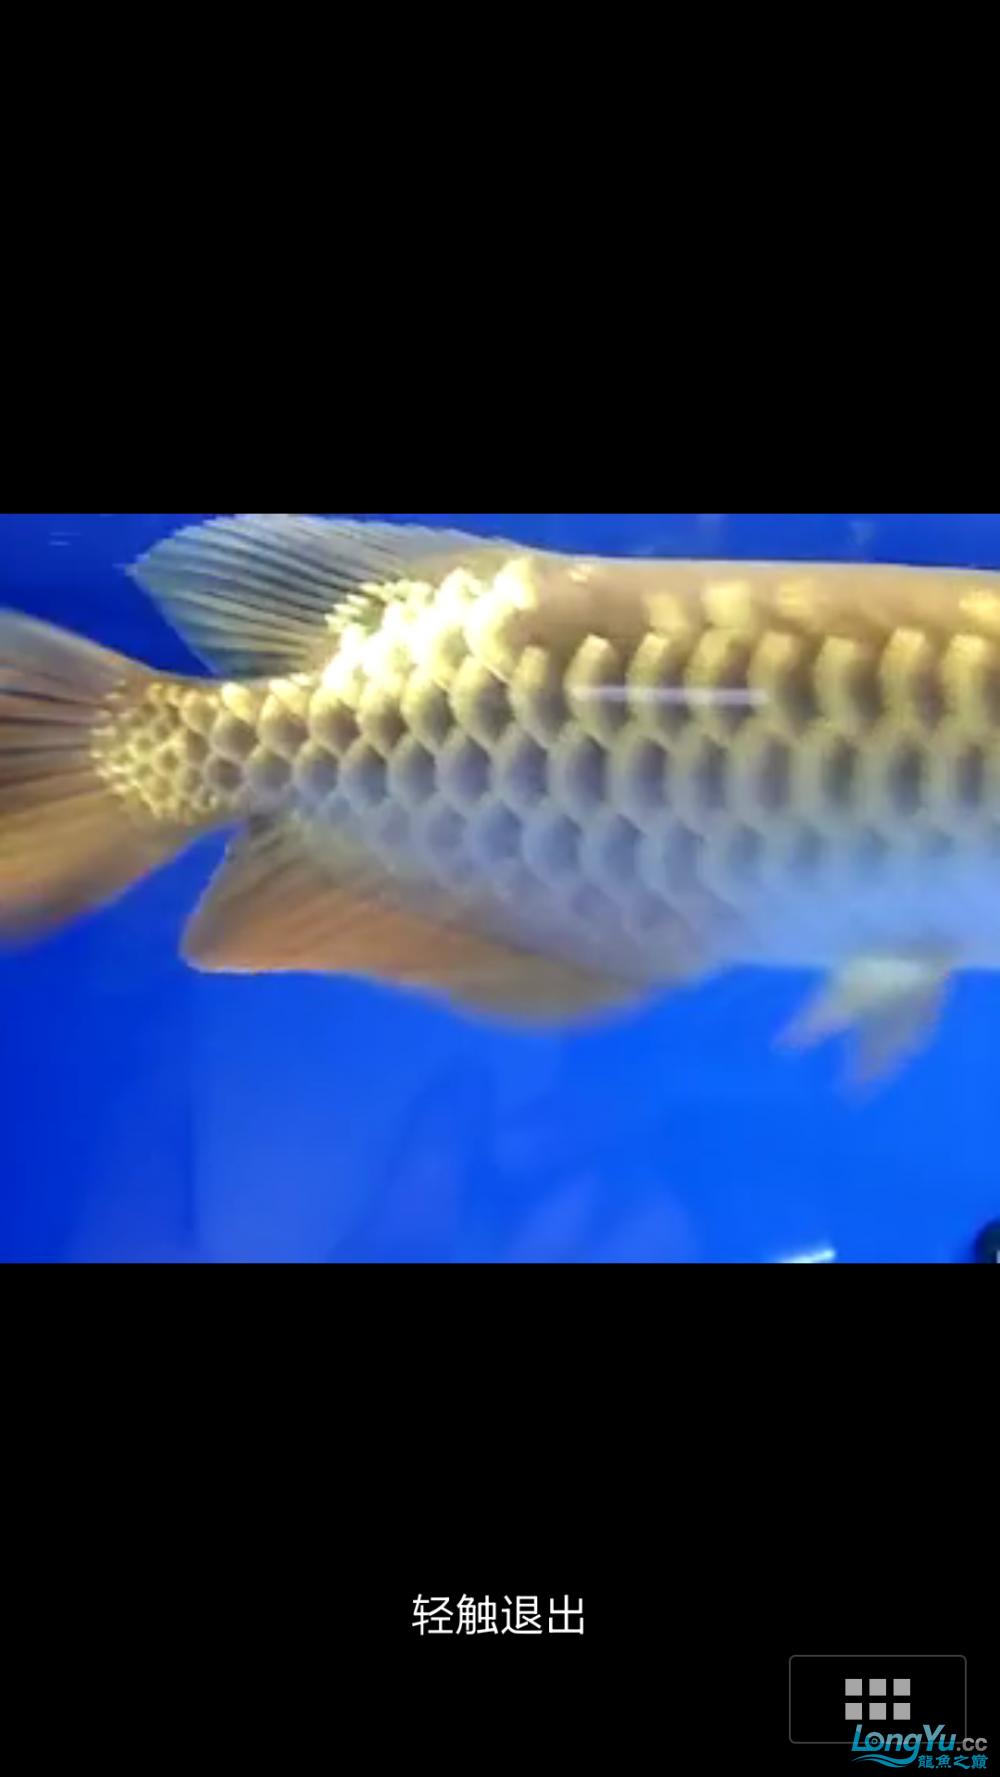 求高手给看看是不是过背! 西安水族批发市场 西安龙鱼第1张